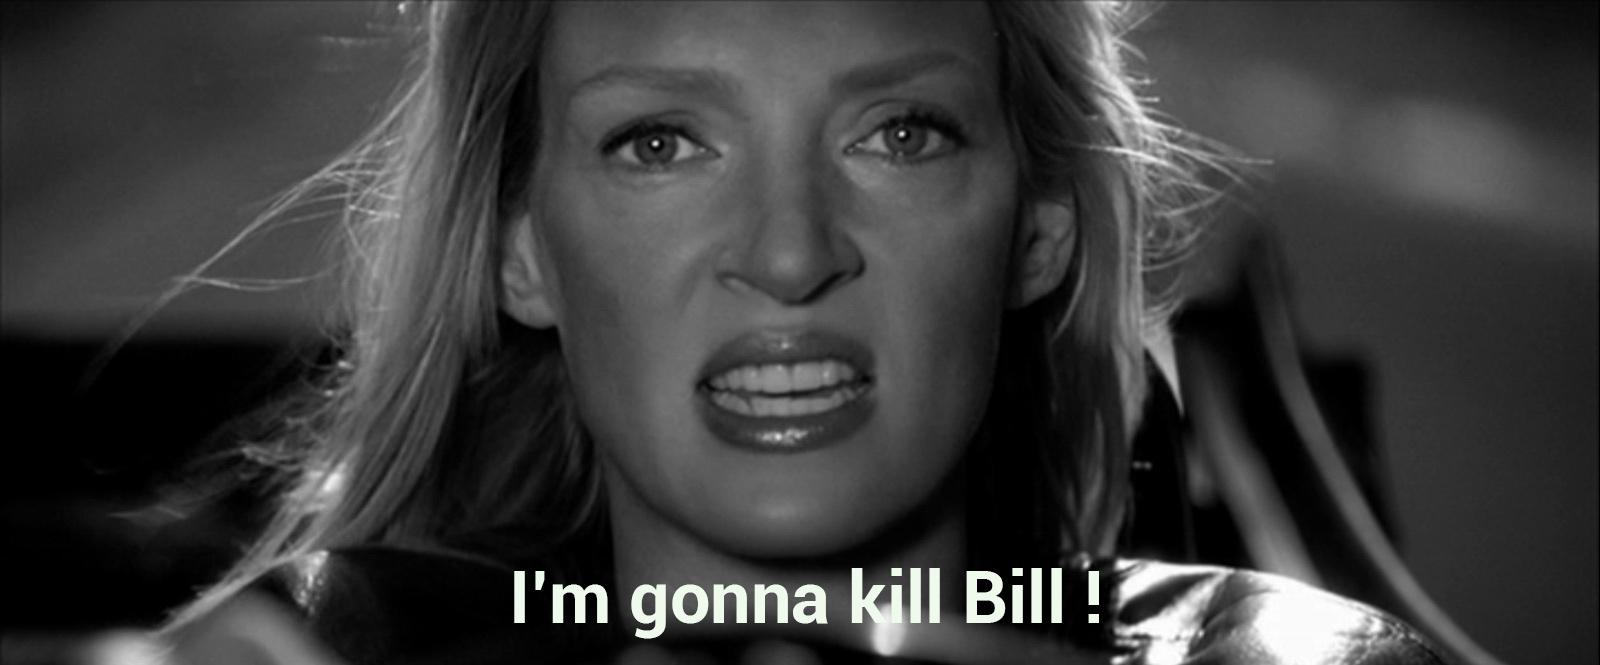 I'm gonna kill bill PS